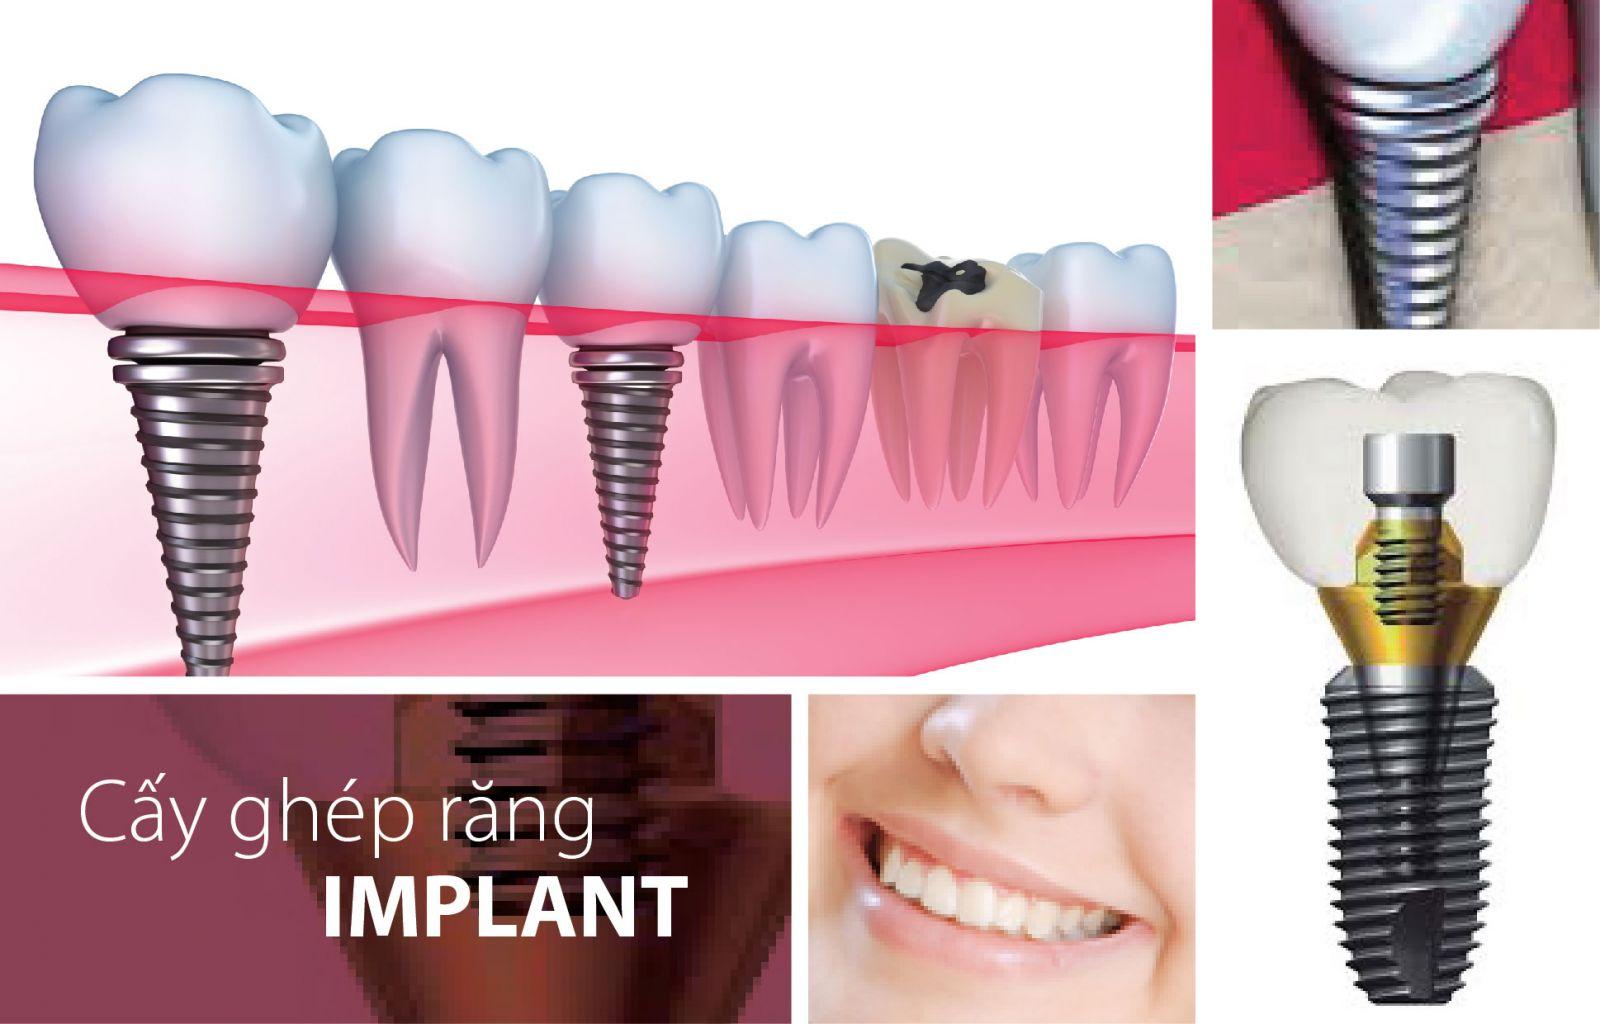 Mức giá cấy ghép răng implant bao nhiêu? 2